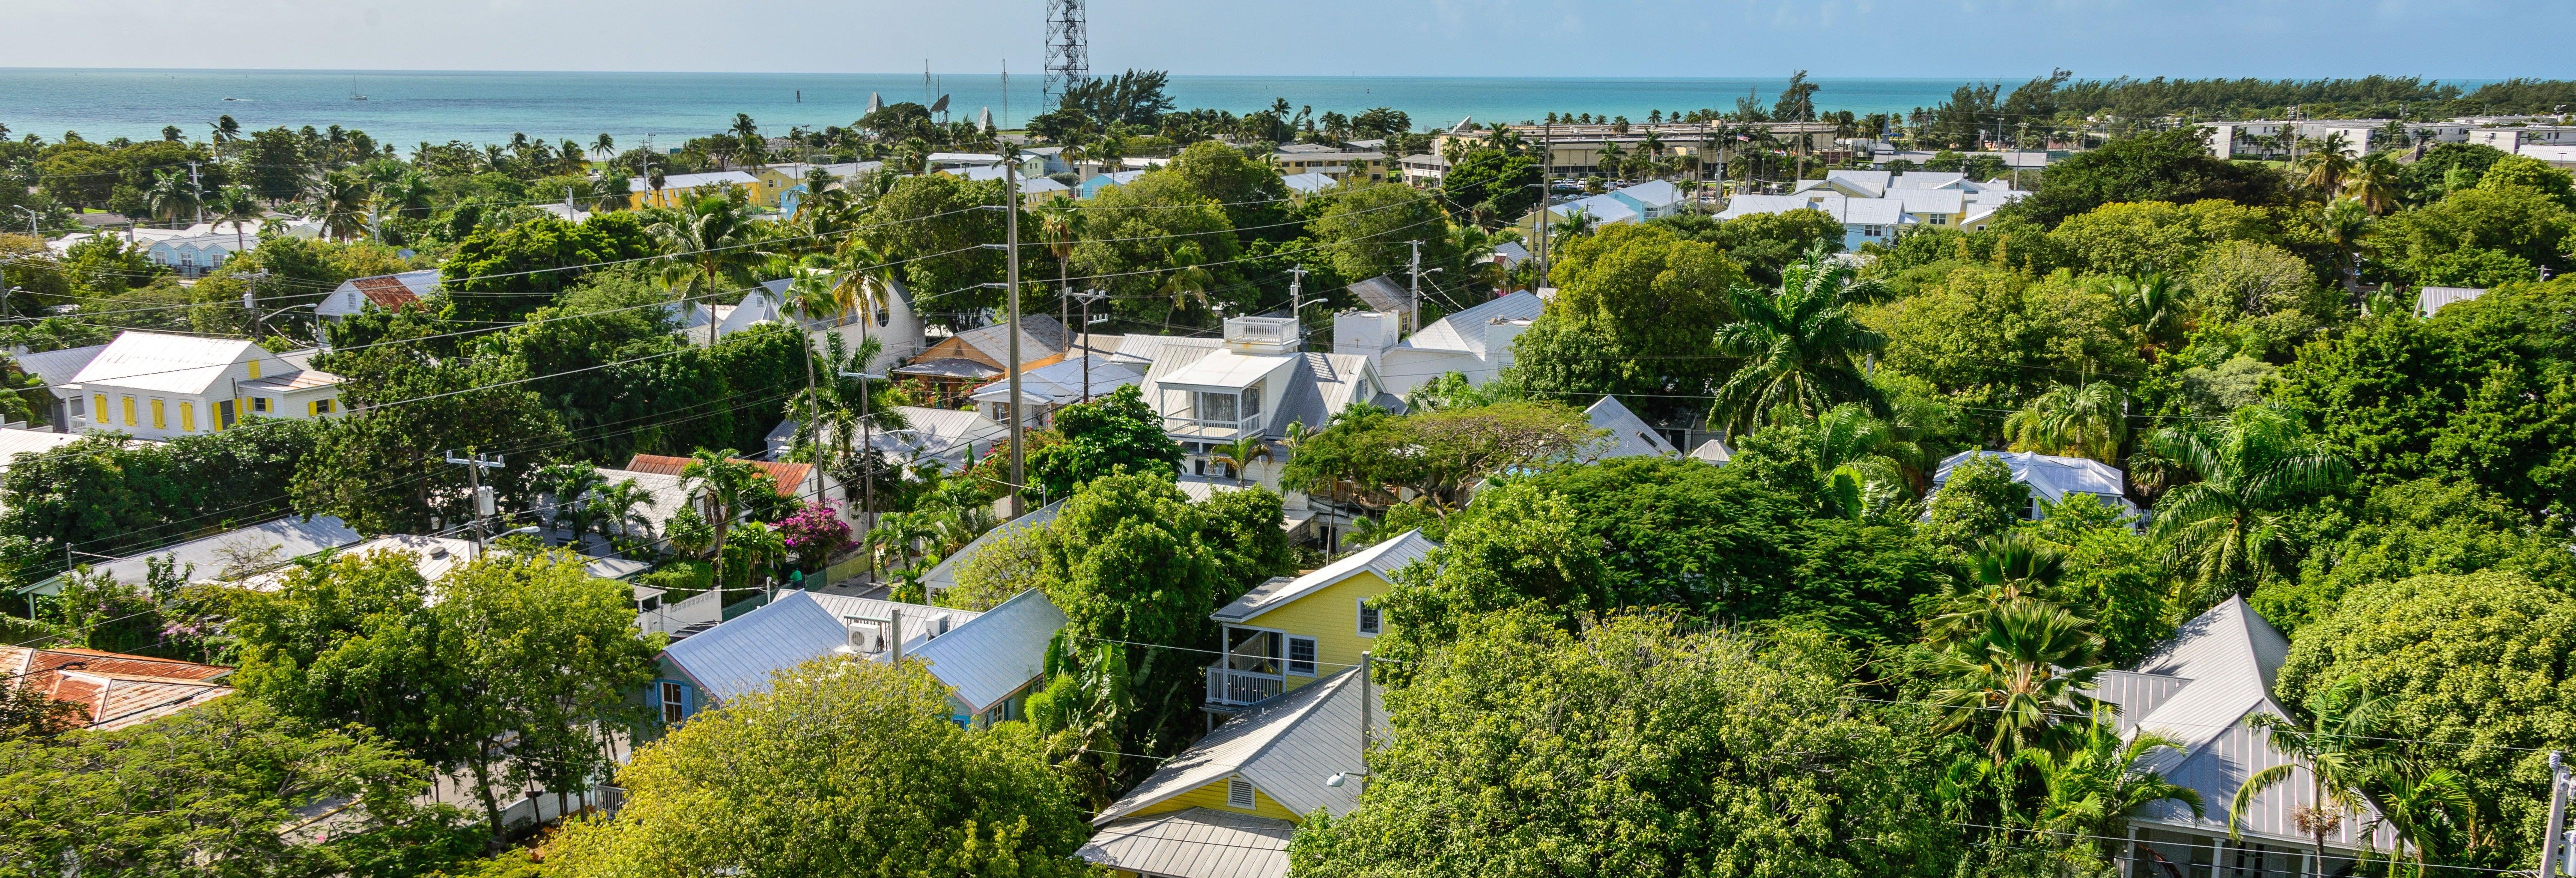 Key West Full-Day Trip